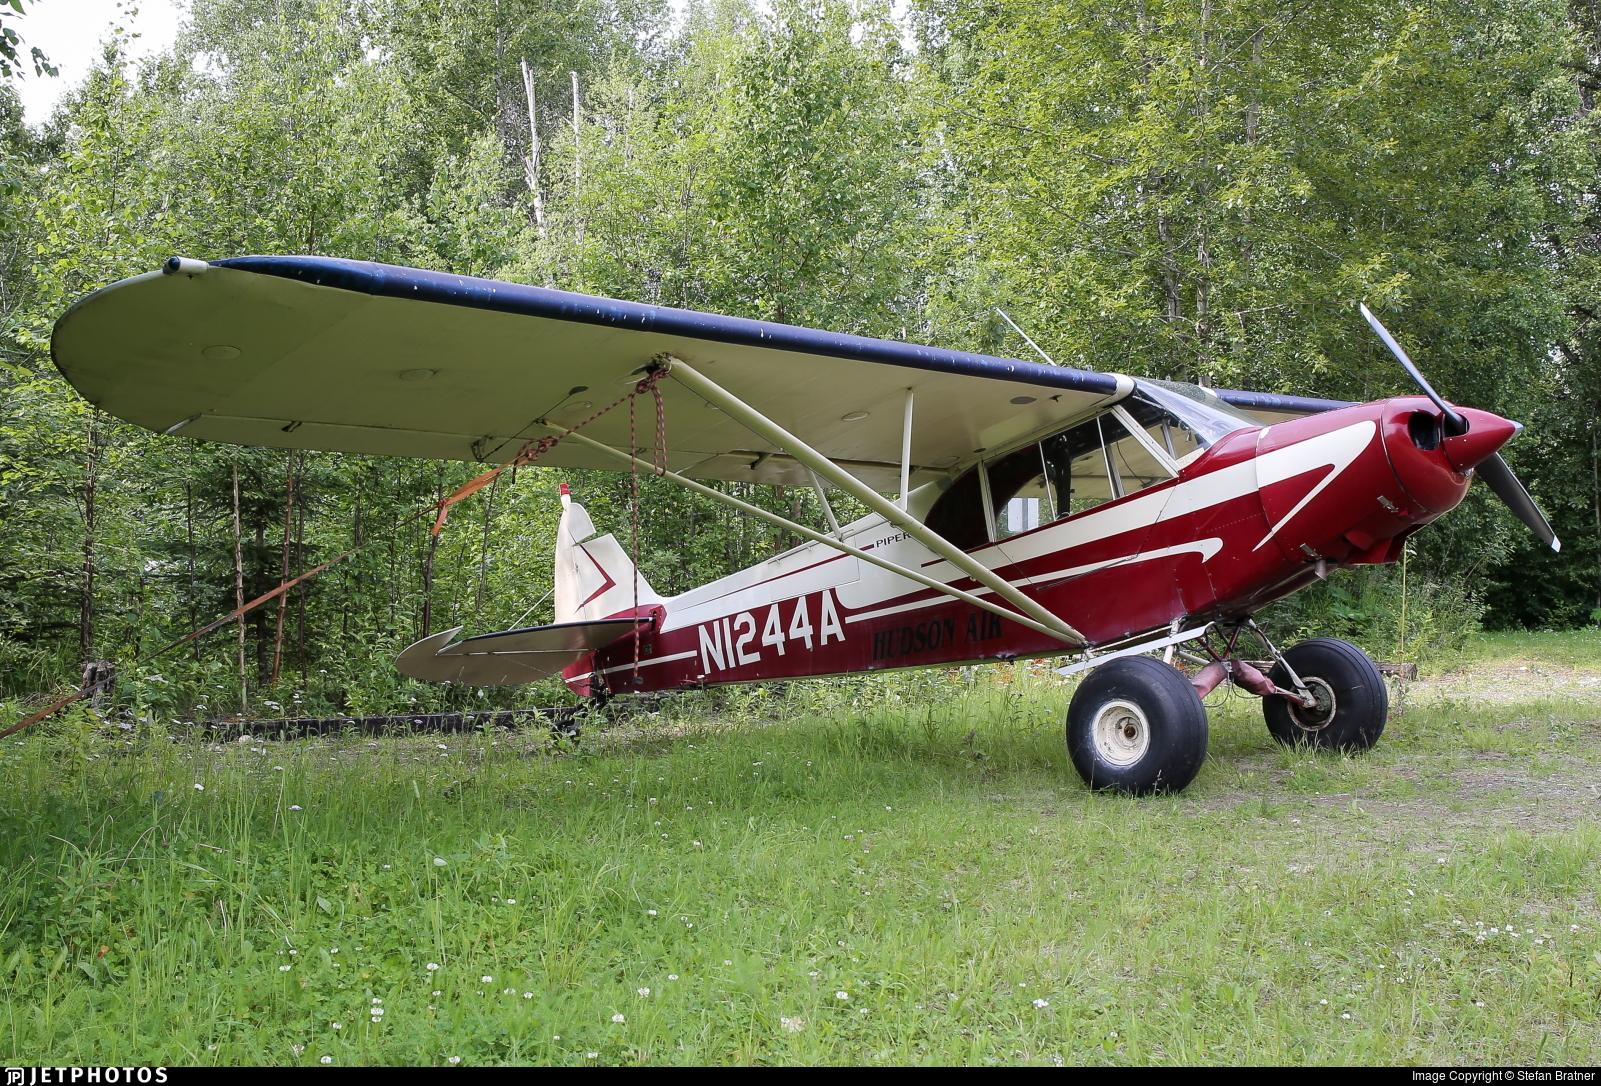 N1244A - Piper PA-18 Super Cub - Private